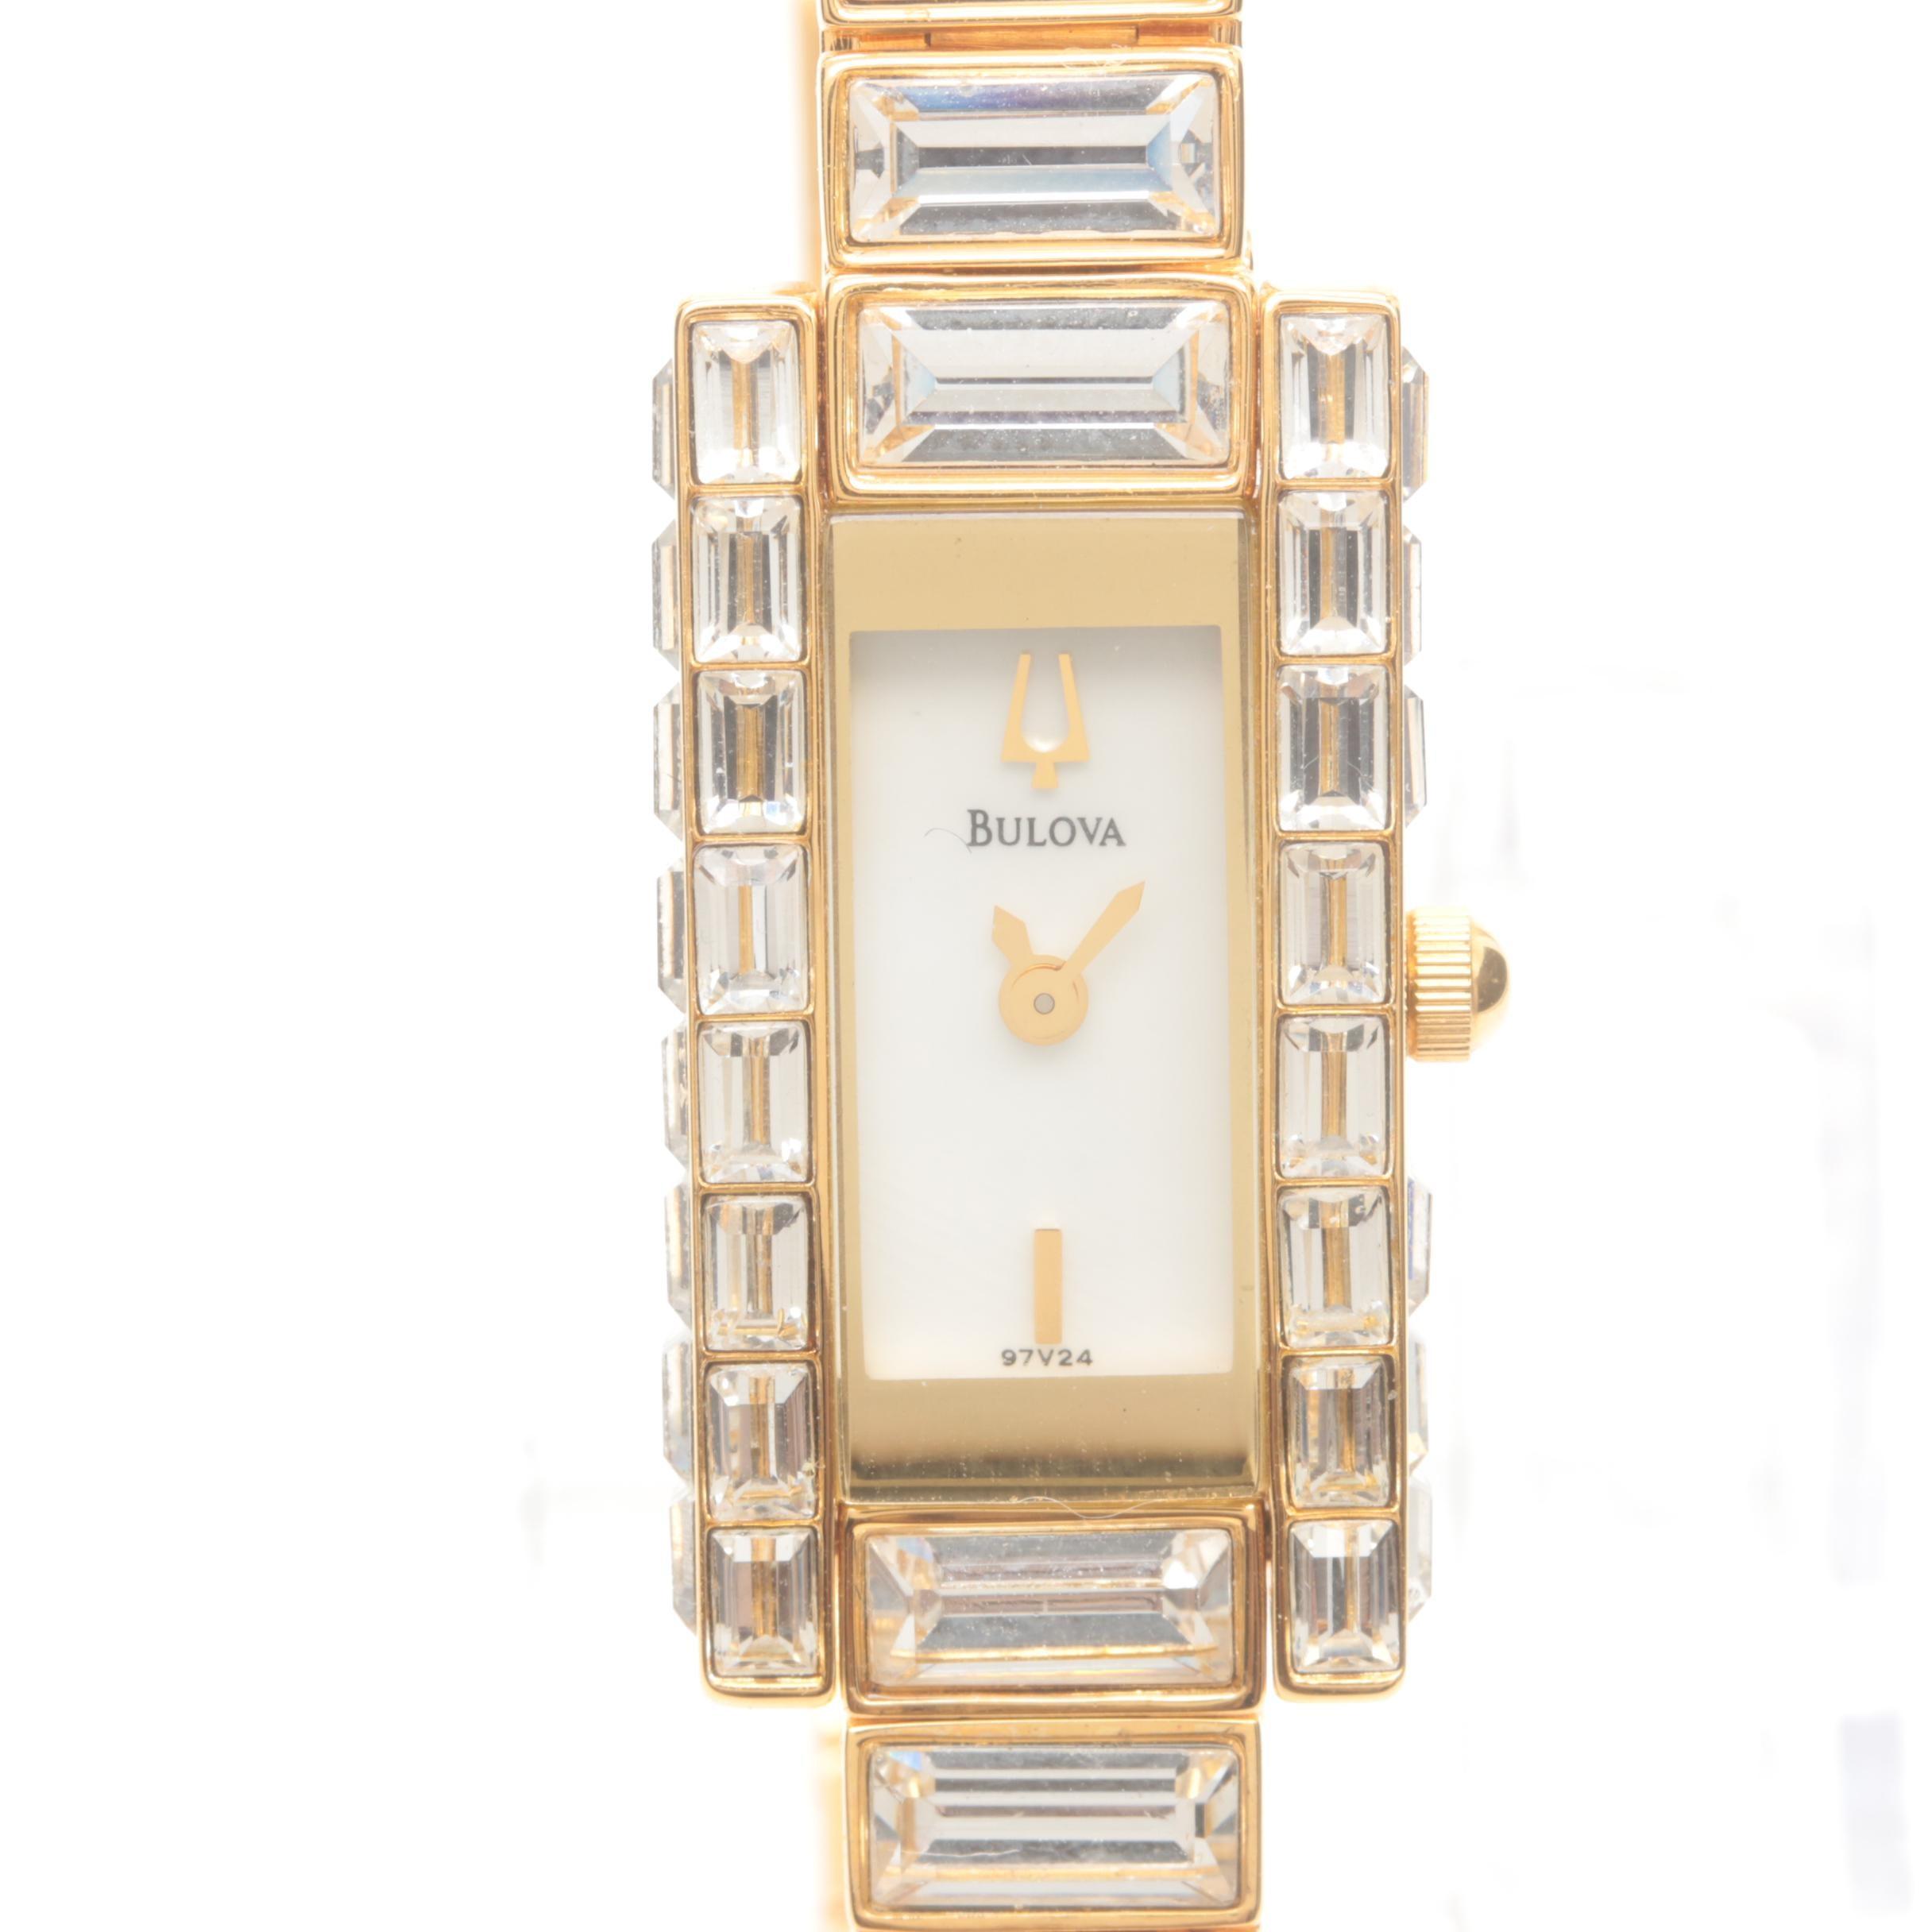 Bulova Stainless Steel Glass Crystal Wristwatch